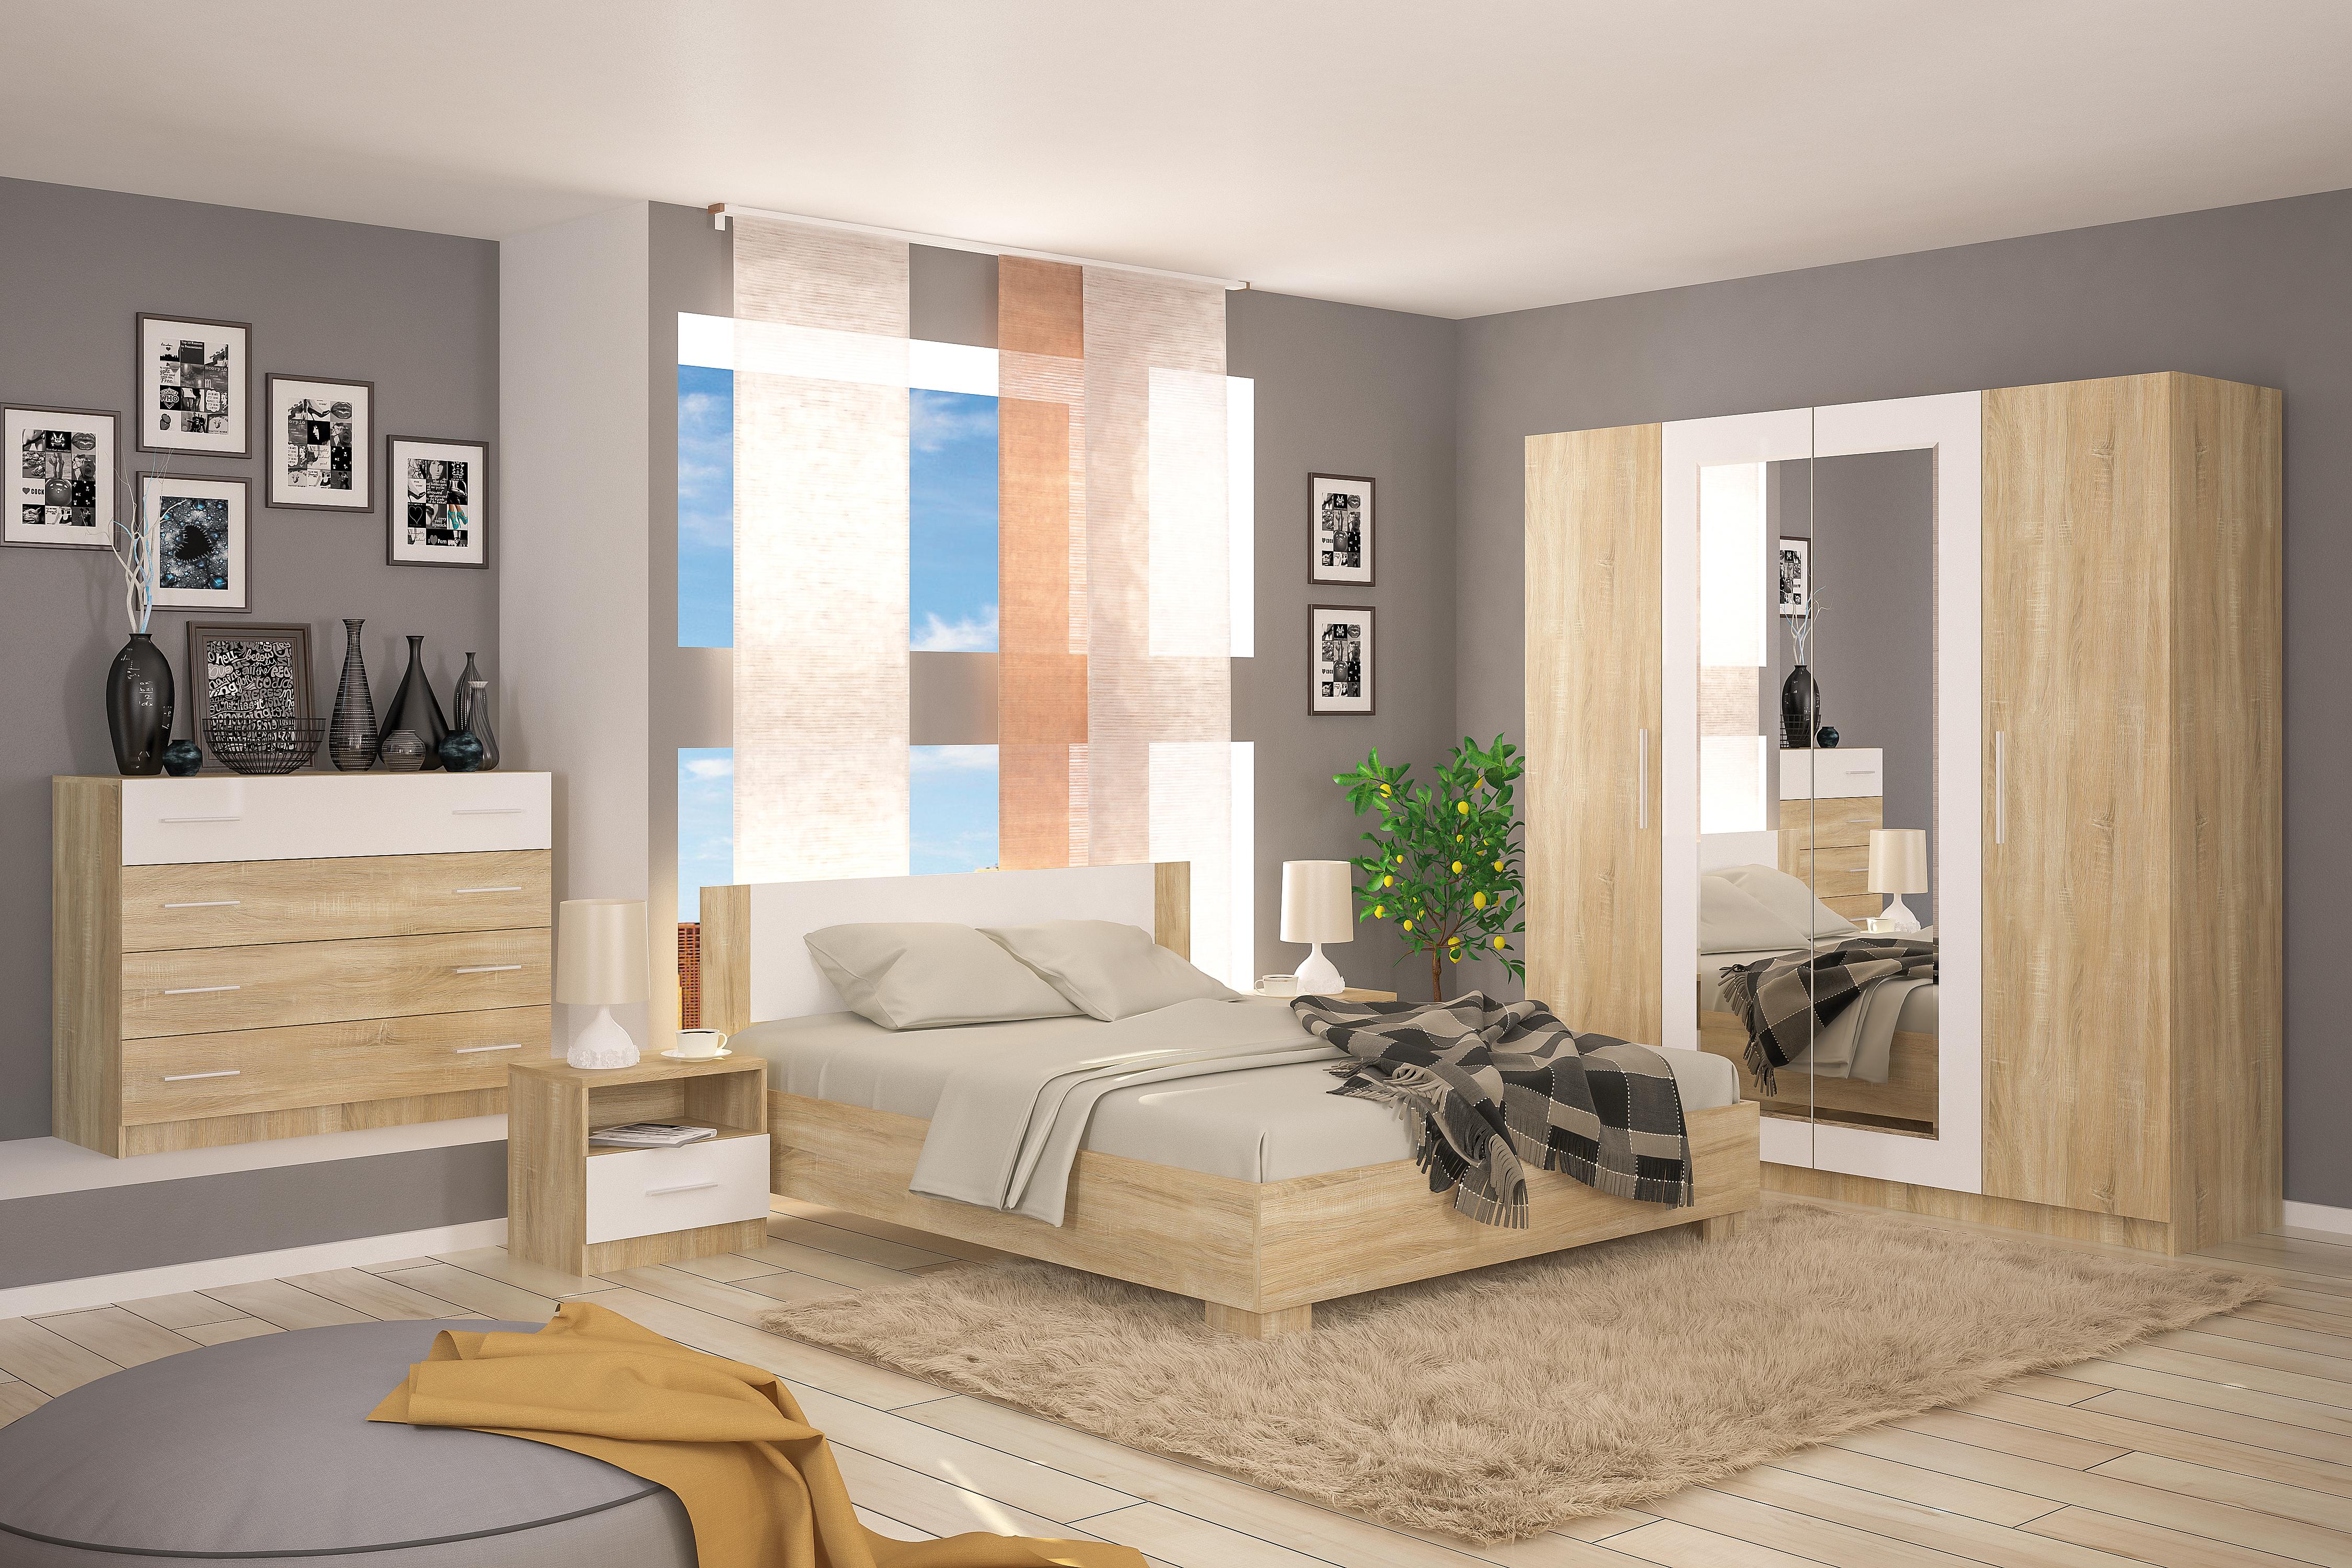 Manželská posteľ 160 cm - Renar - Markos (s roštom)